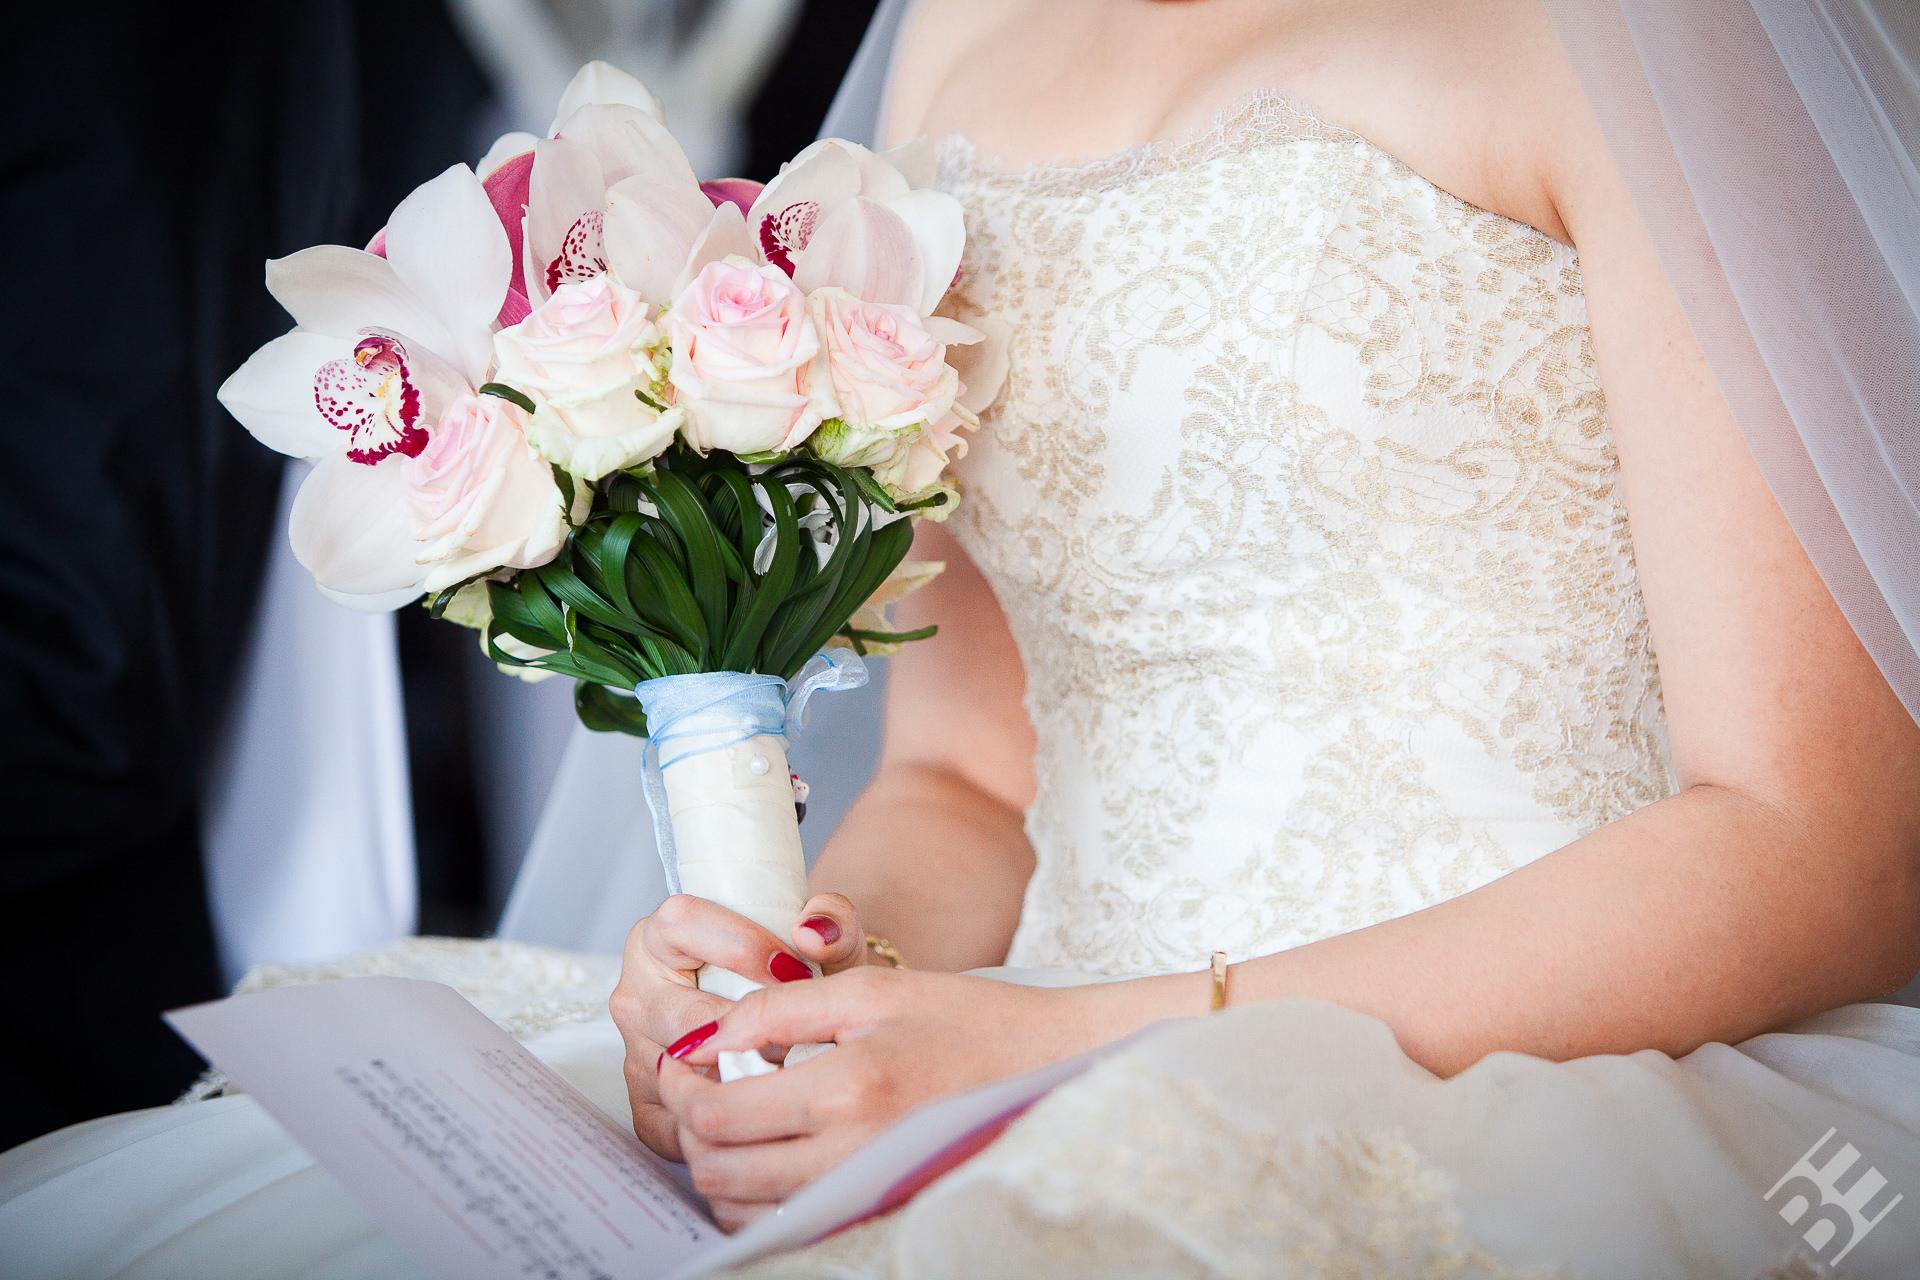 Hochzeit_15_IMG_9855_Volen_Evtimov